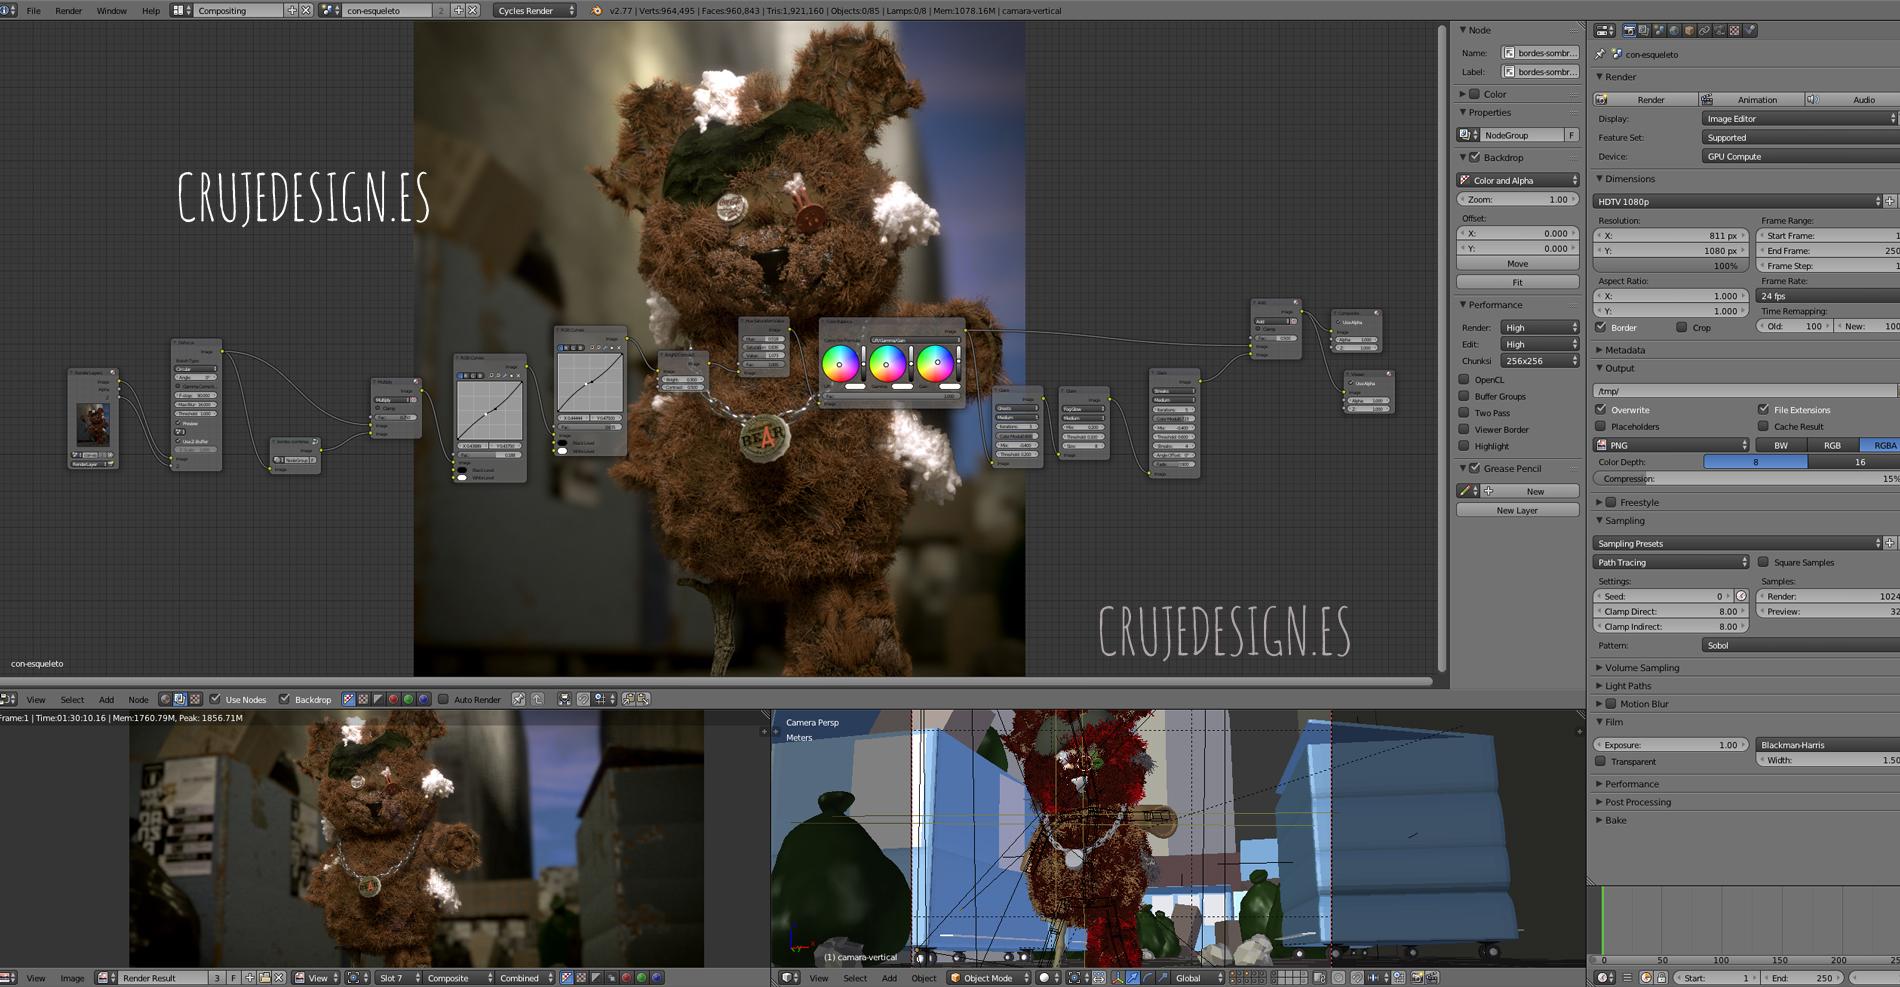 Teddy´s Revenge Crujedesign Compositing Blender